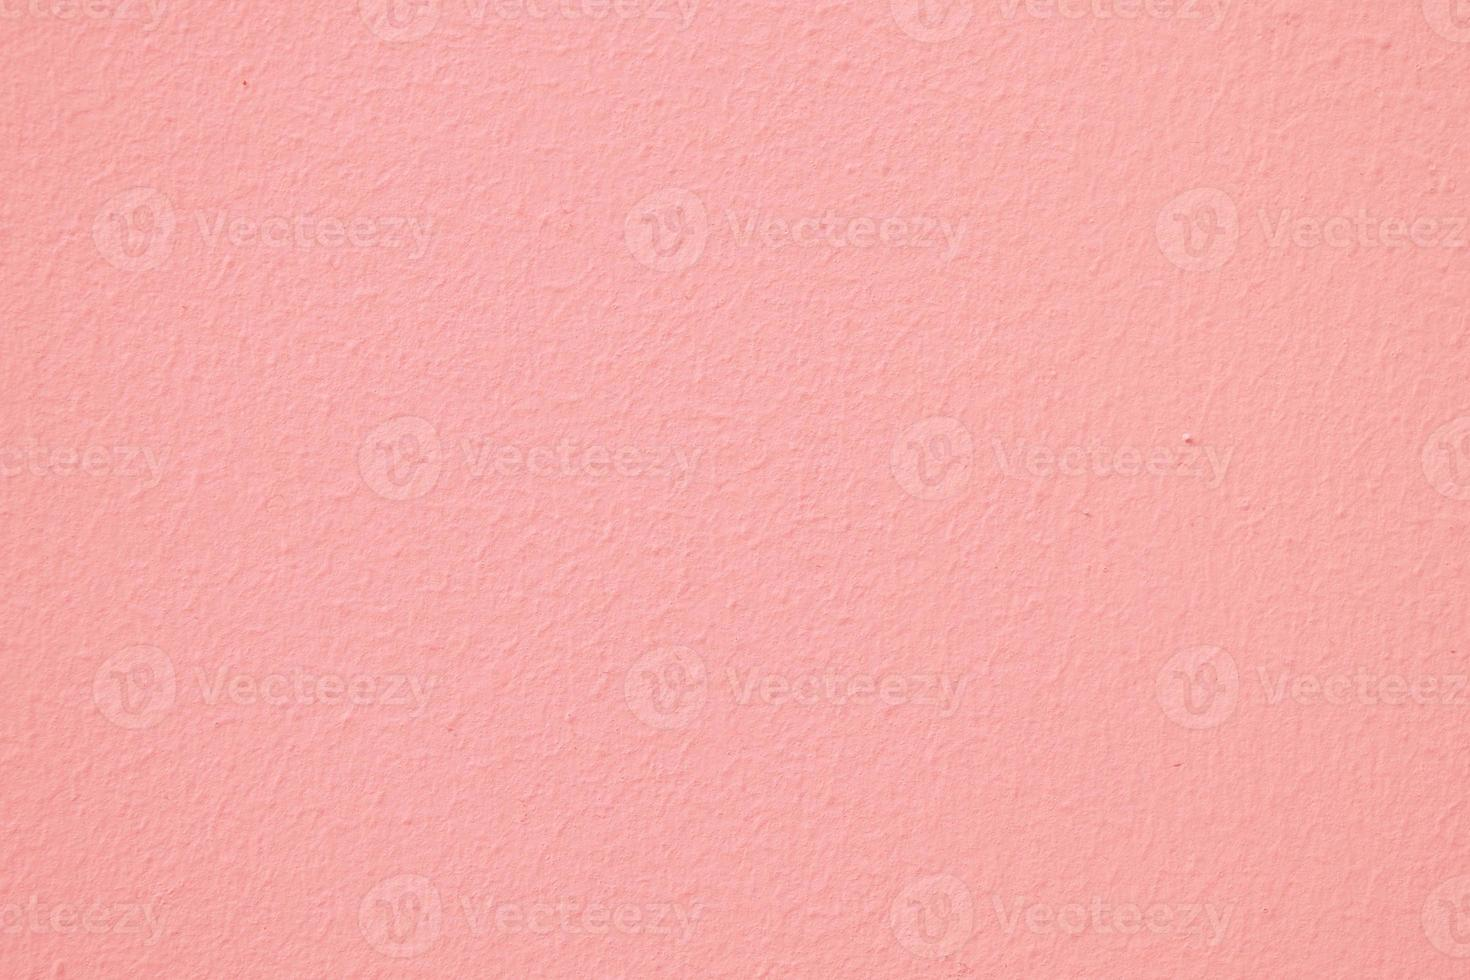 rode cement textuur gebruikt voor achtergrond foto